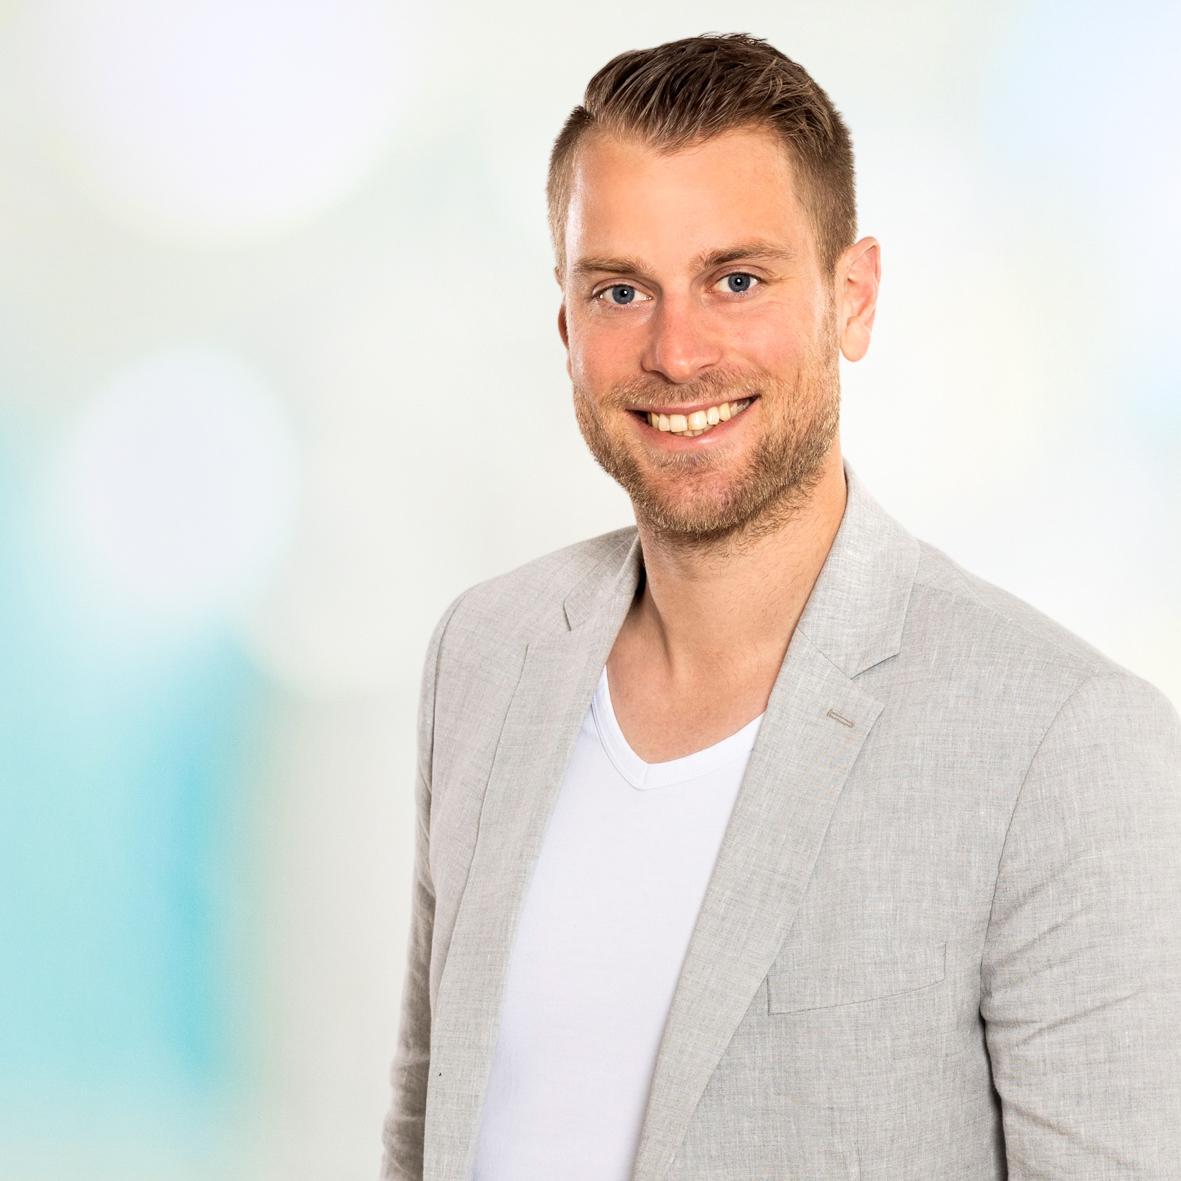 Tim Leuchters